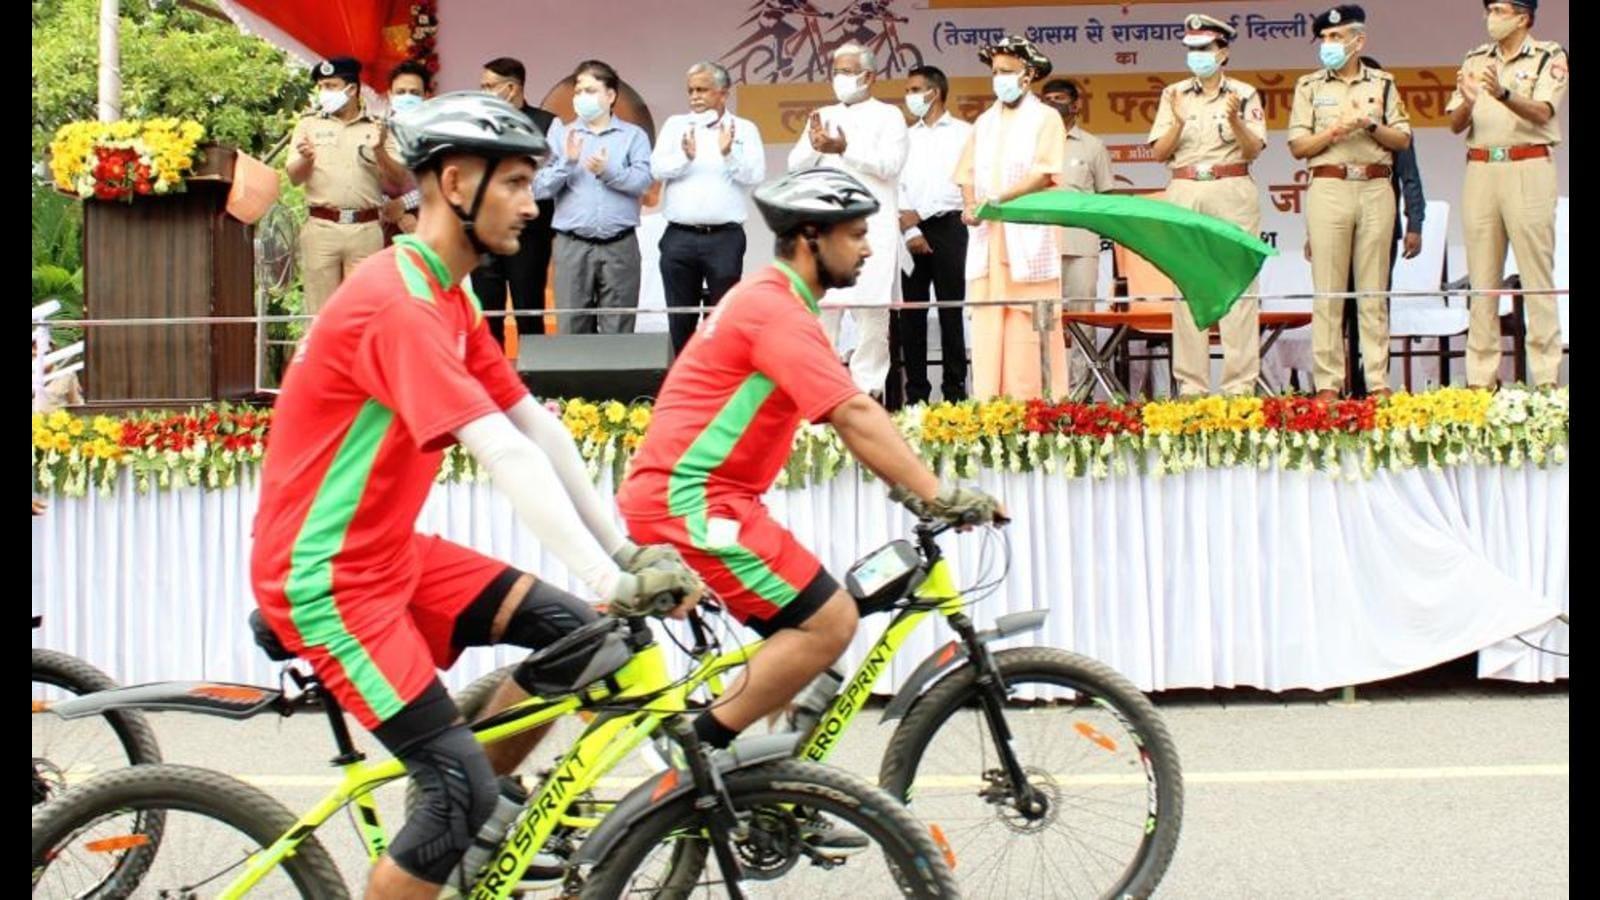 UP chief minister flags off cycle rally as part of Azadi ka Amrit Mahotsav